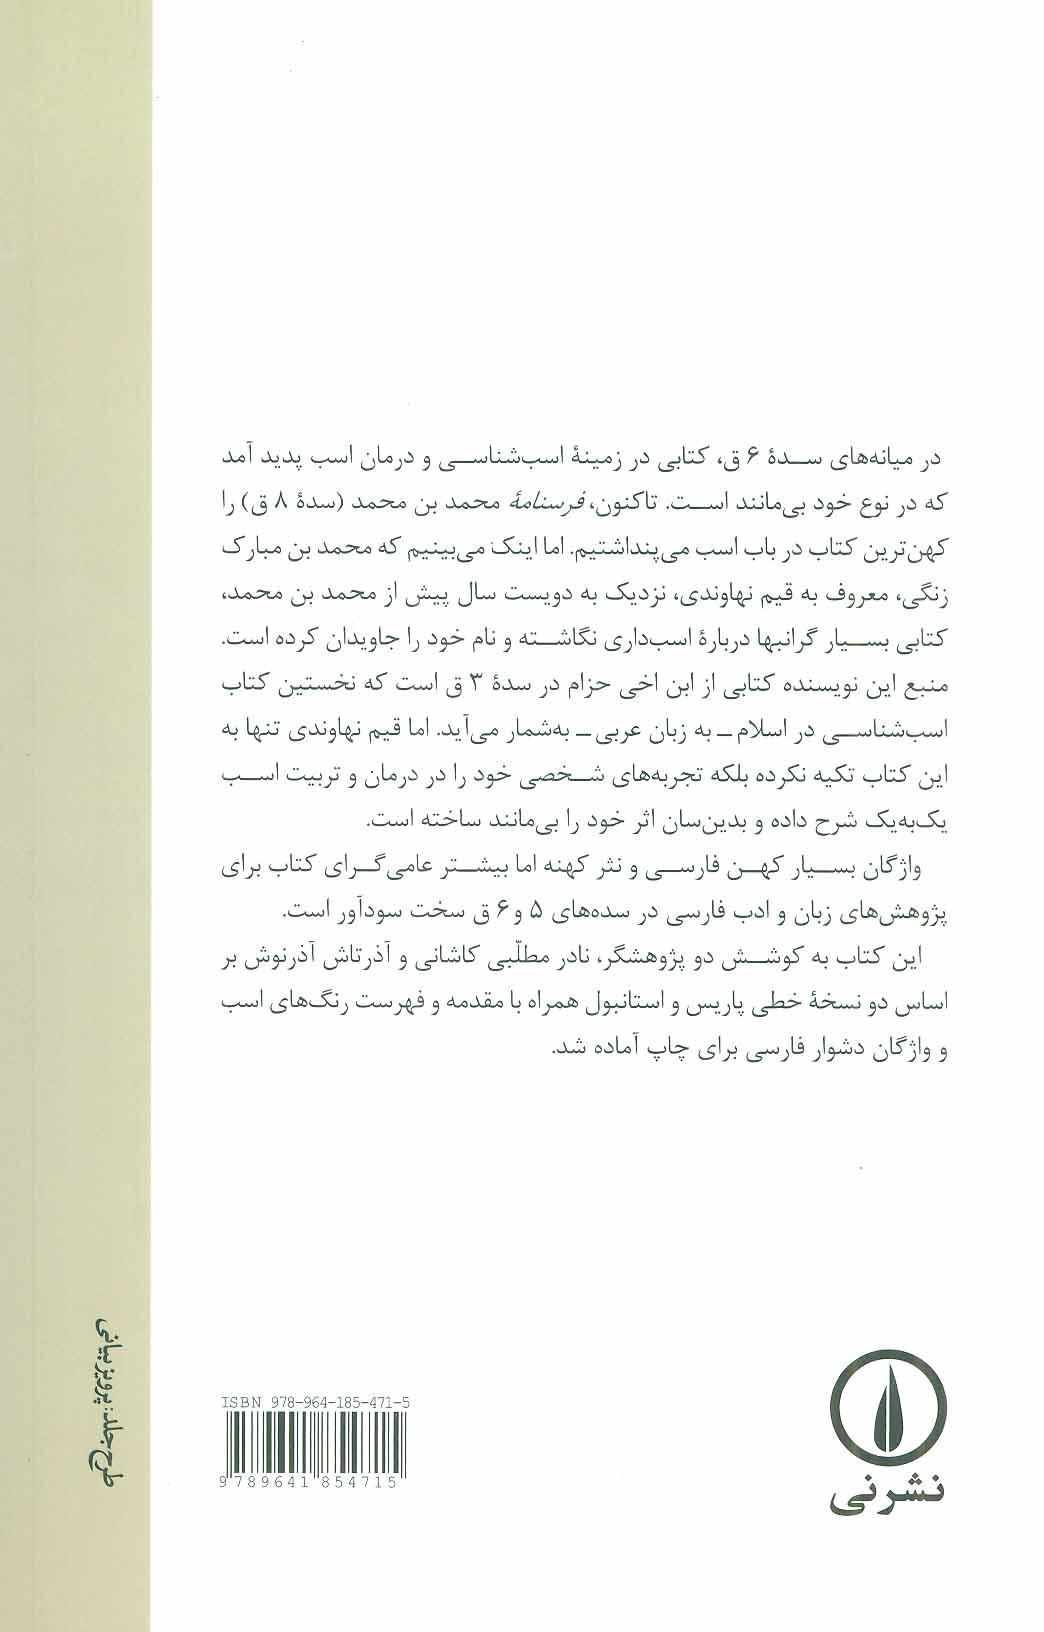 فرسنامه قیم نهاوندی (کهن ترین فرسنامه شناخته شده به فارسی)